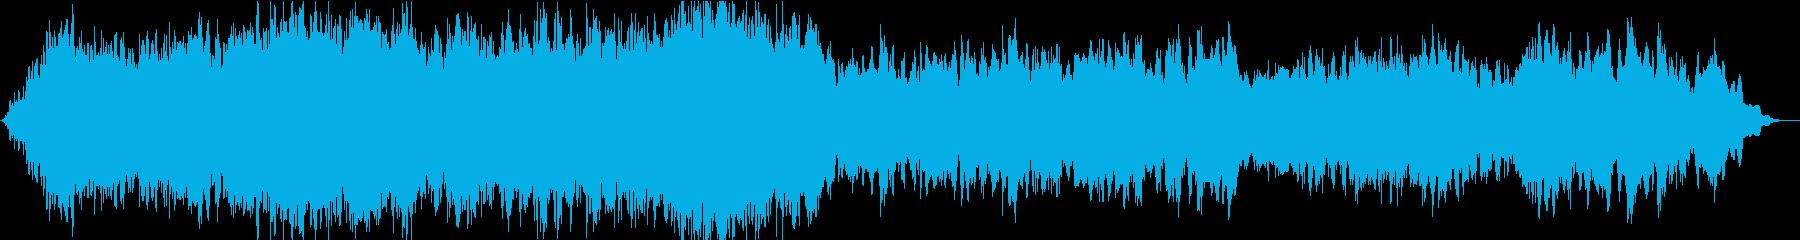 ソルフェジオ周波数による瞑想的な曲の再生済みの波形